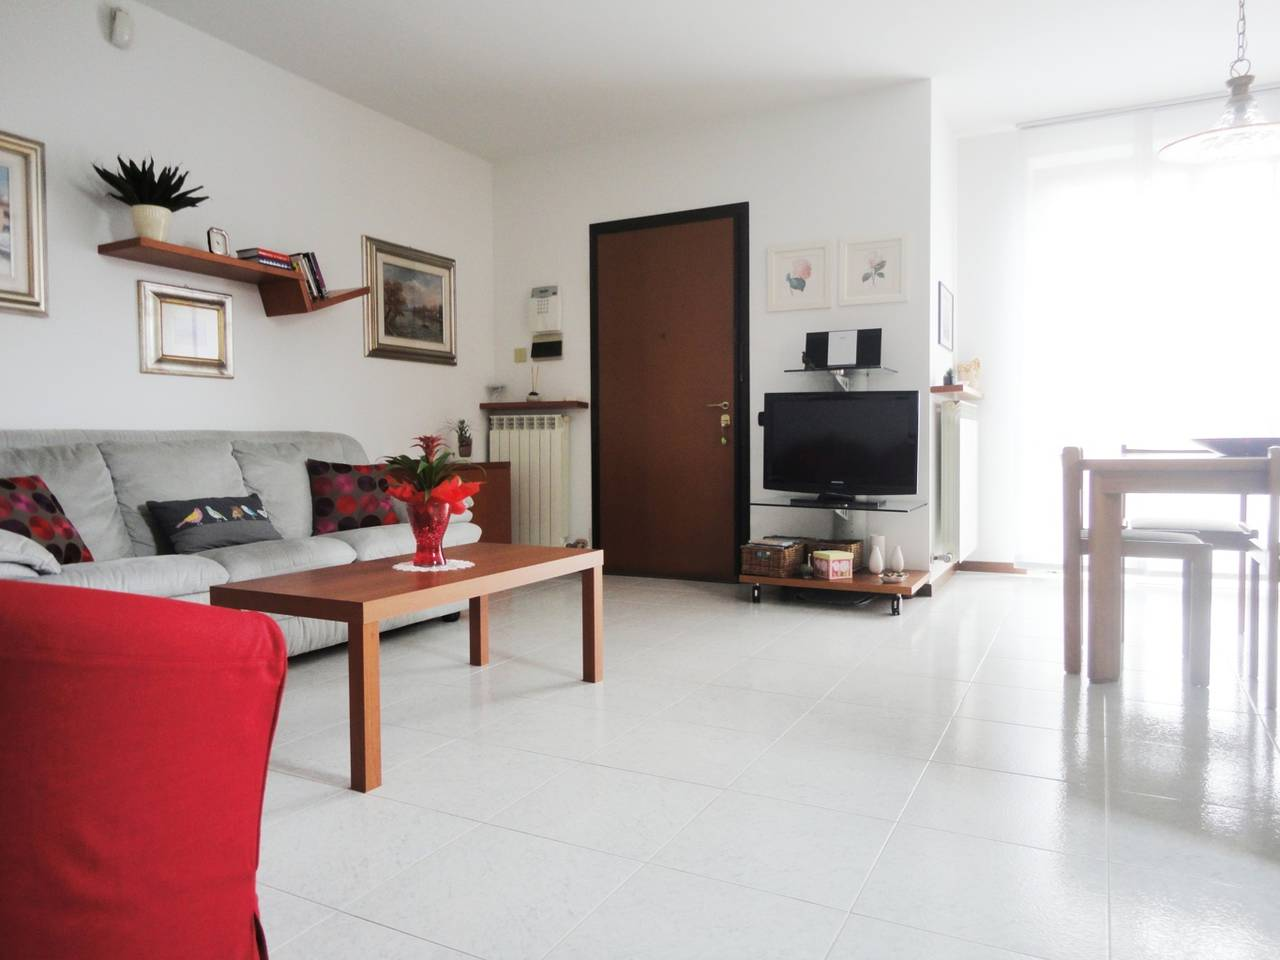 Villa-di-testa-con-giardino-in-vendita-a-Cavenago-Brianza-14